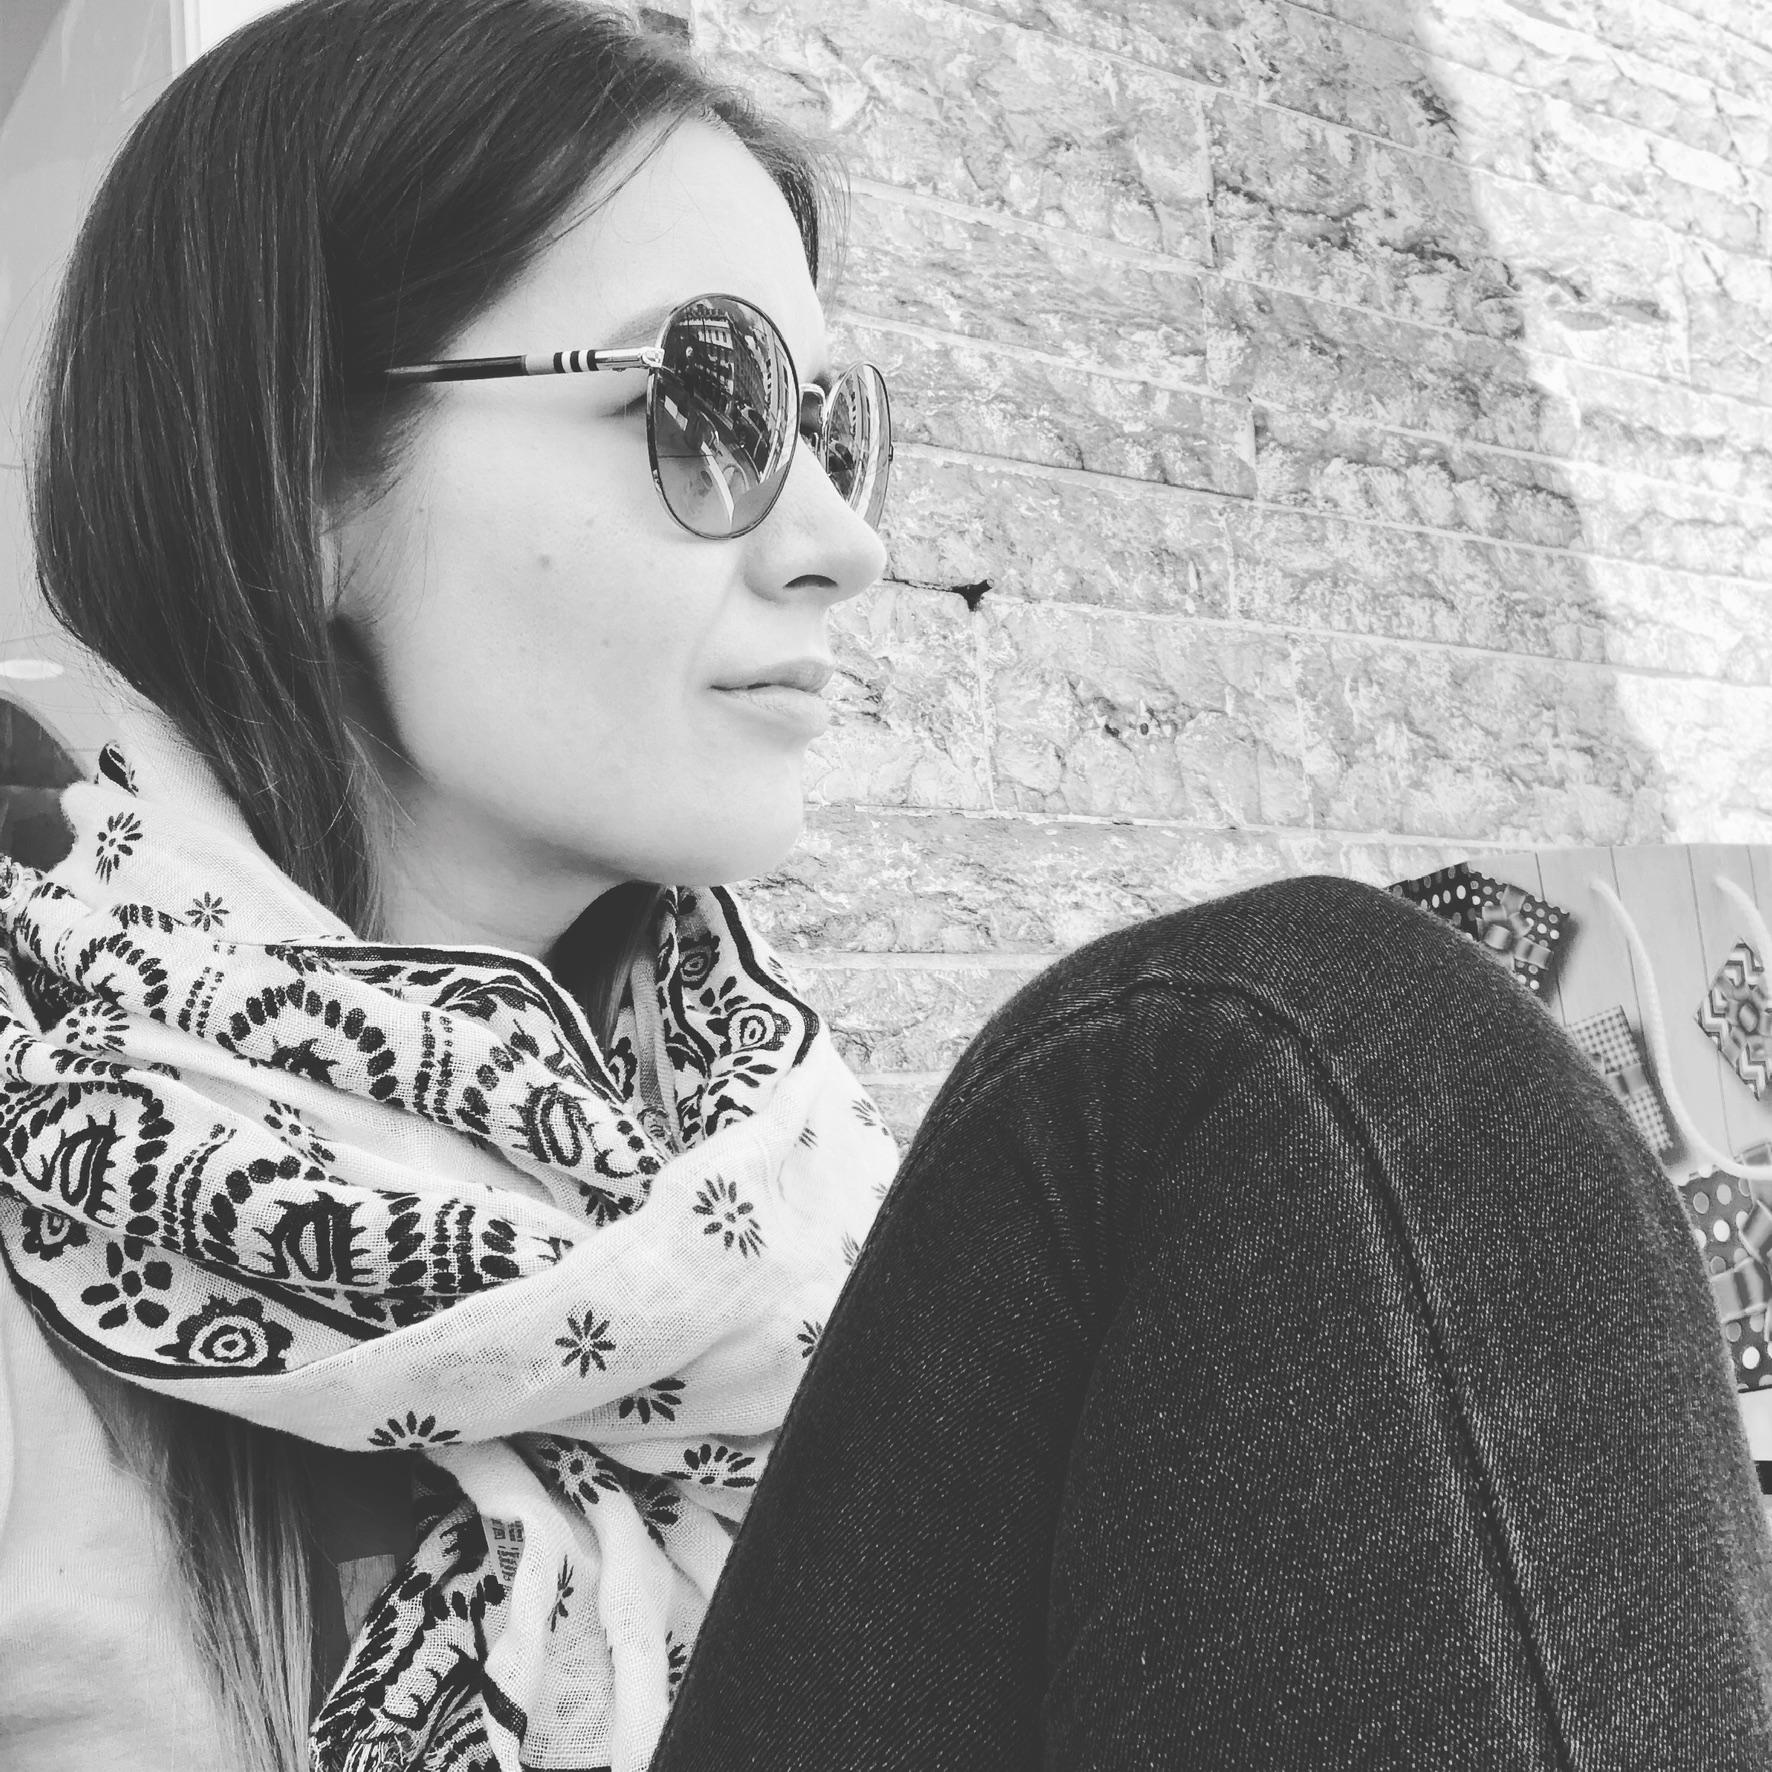 Изнанка работы: мы тоже плачем, боимся и устаём - психолог Диана Сушко